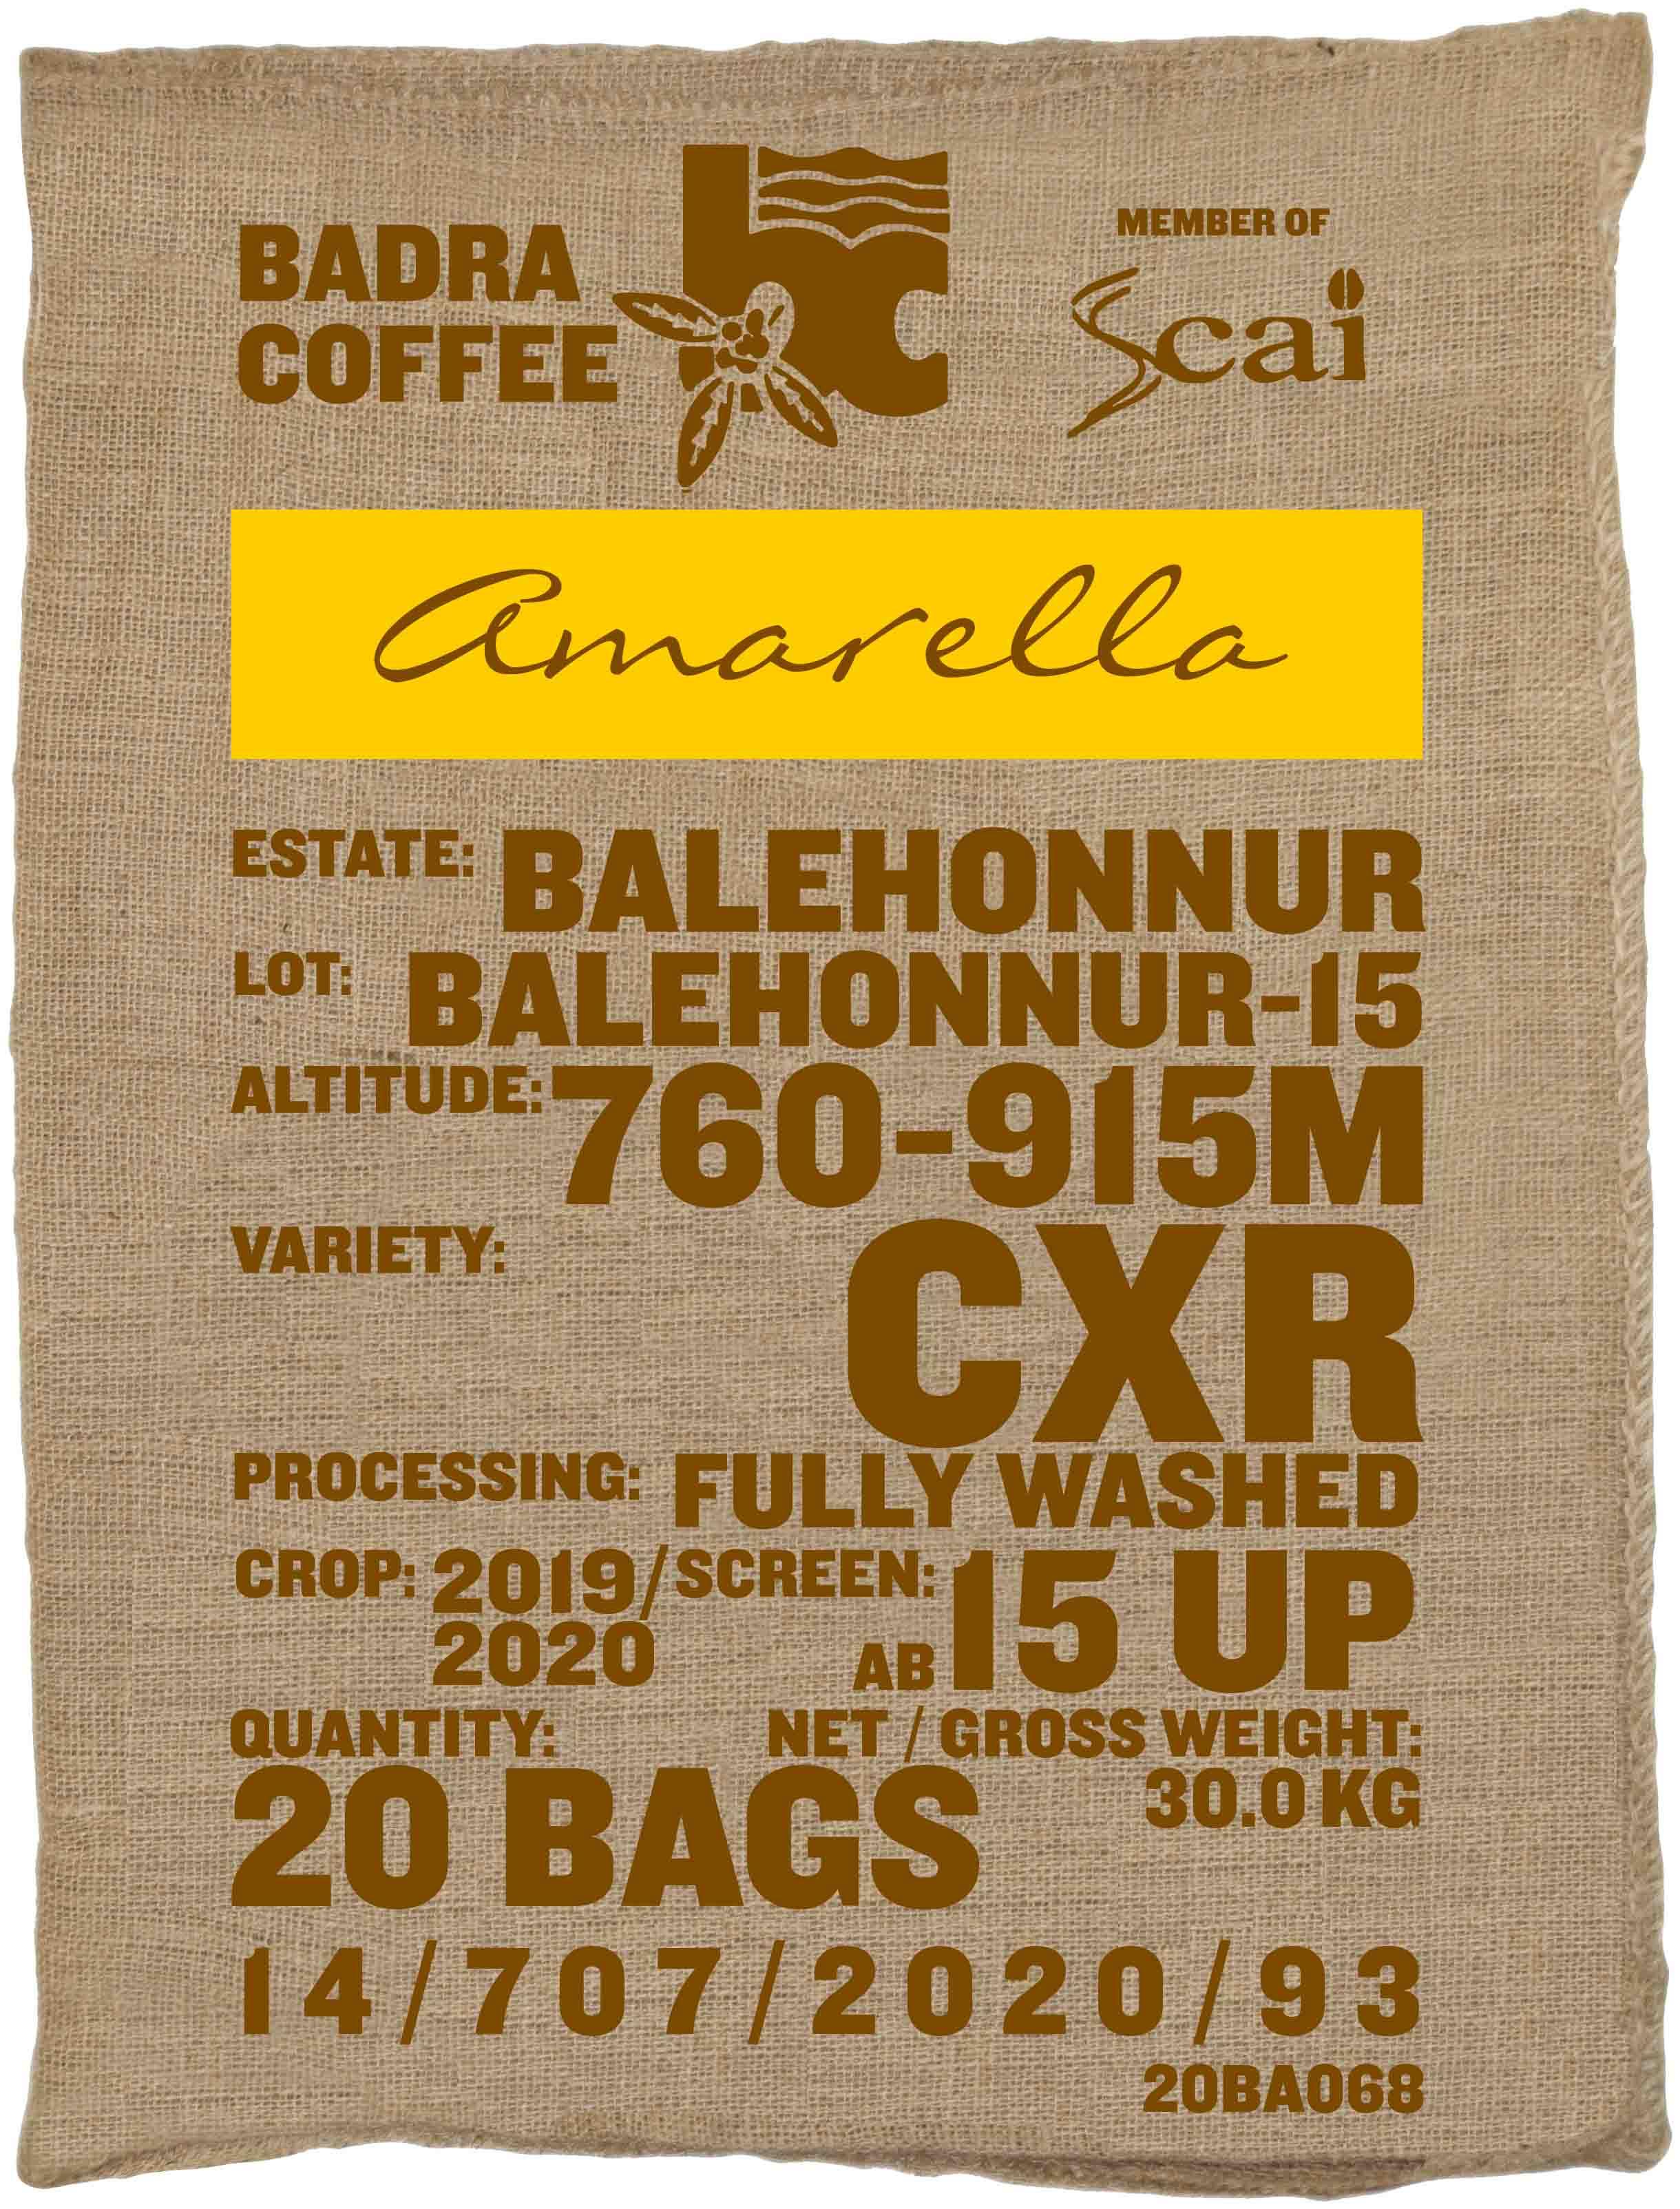 Ein Rohkaffeesack amarella Parzellenkaffee Varietät CxR. Badra Estates Lot Balehonnur 15.